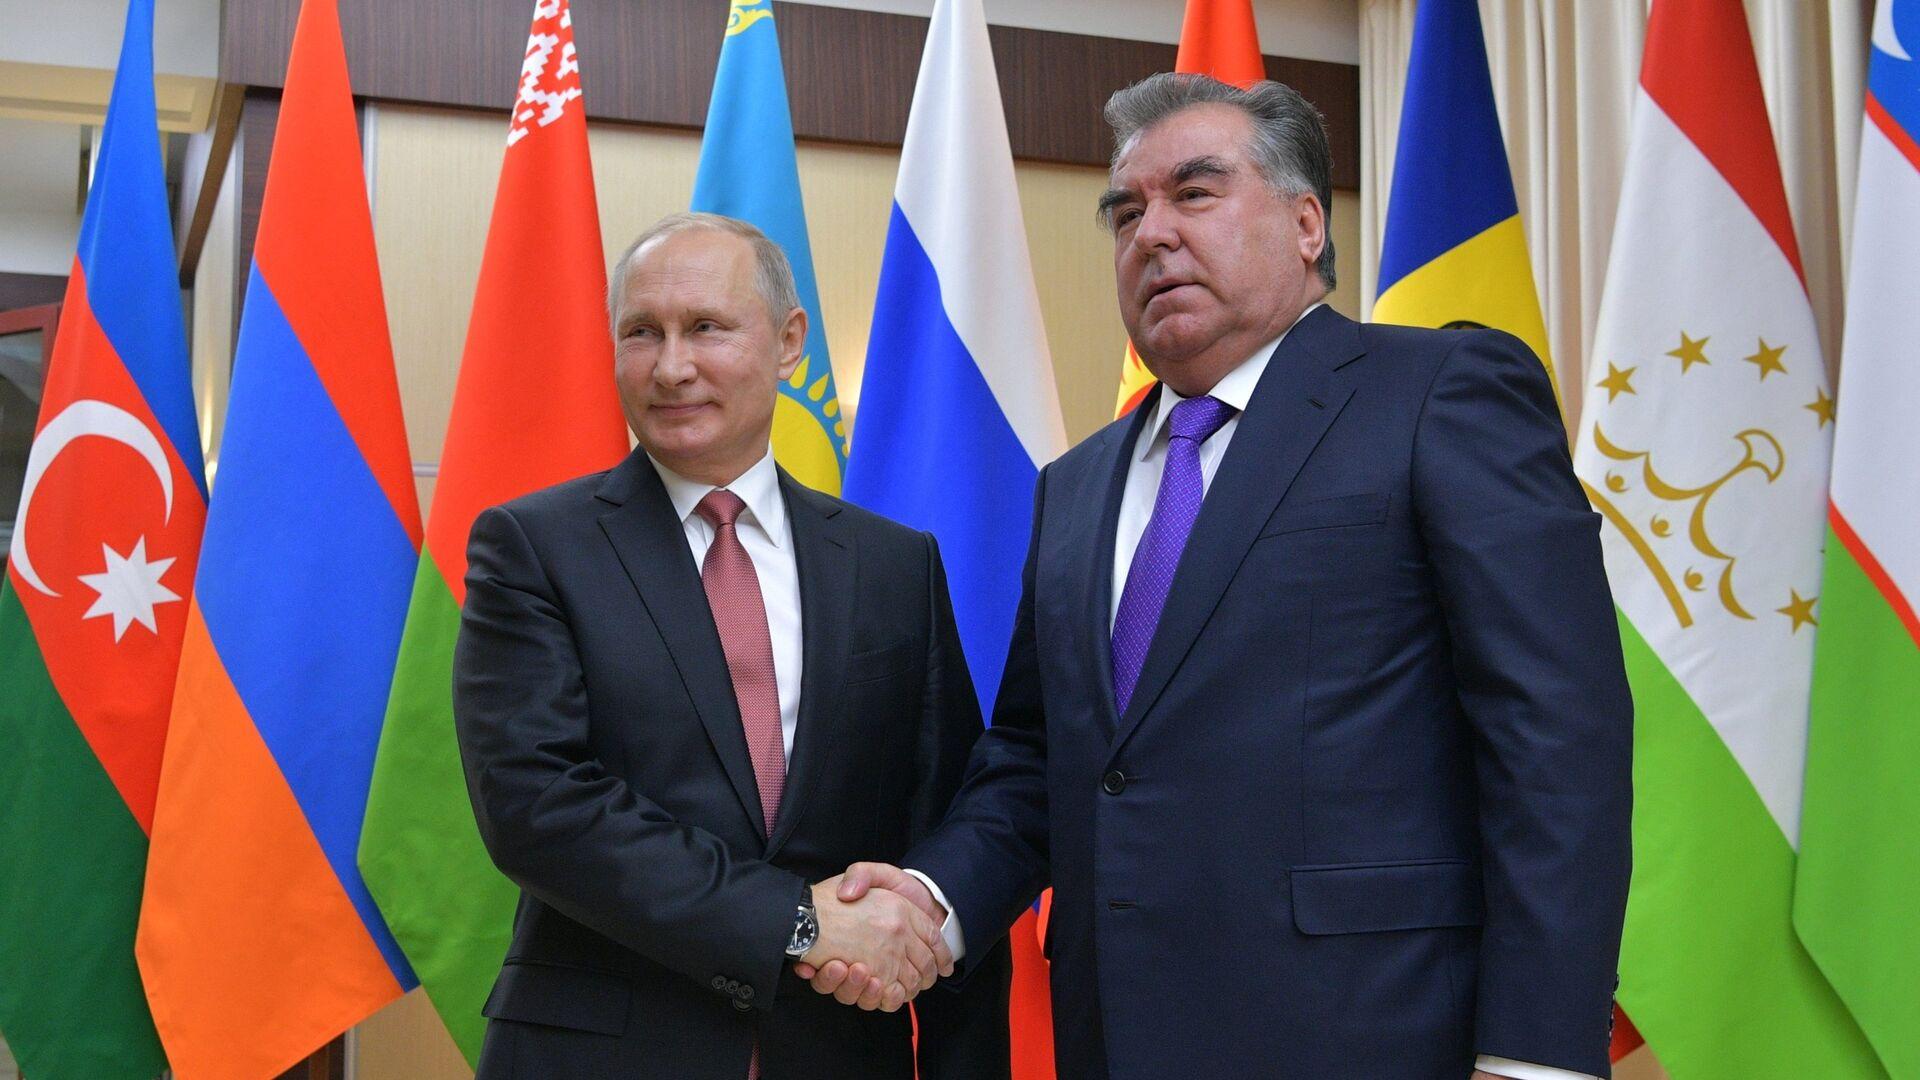 Путин поздравил Рахмона с победой на президентских выборах в Таджикистане -  РИА Новости, 12.10.2020